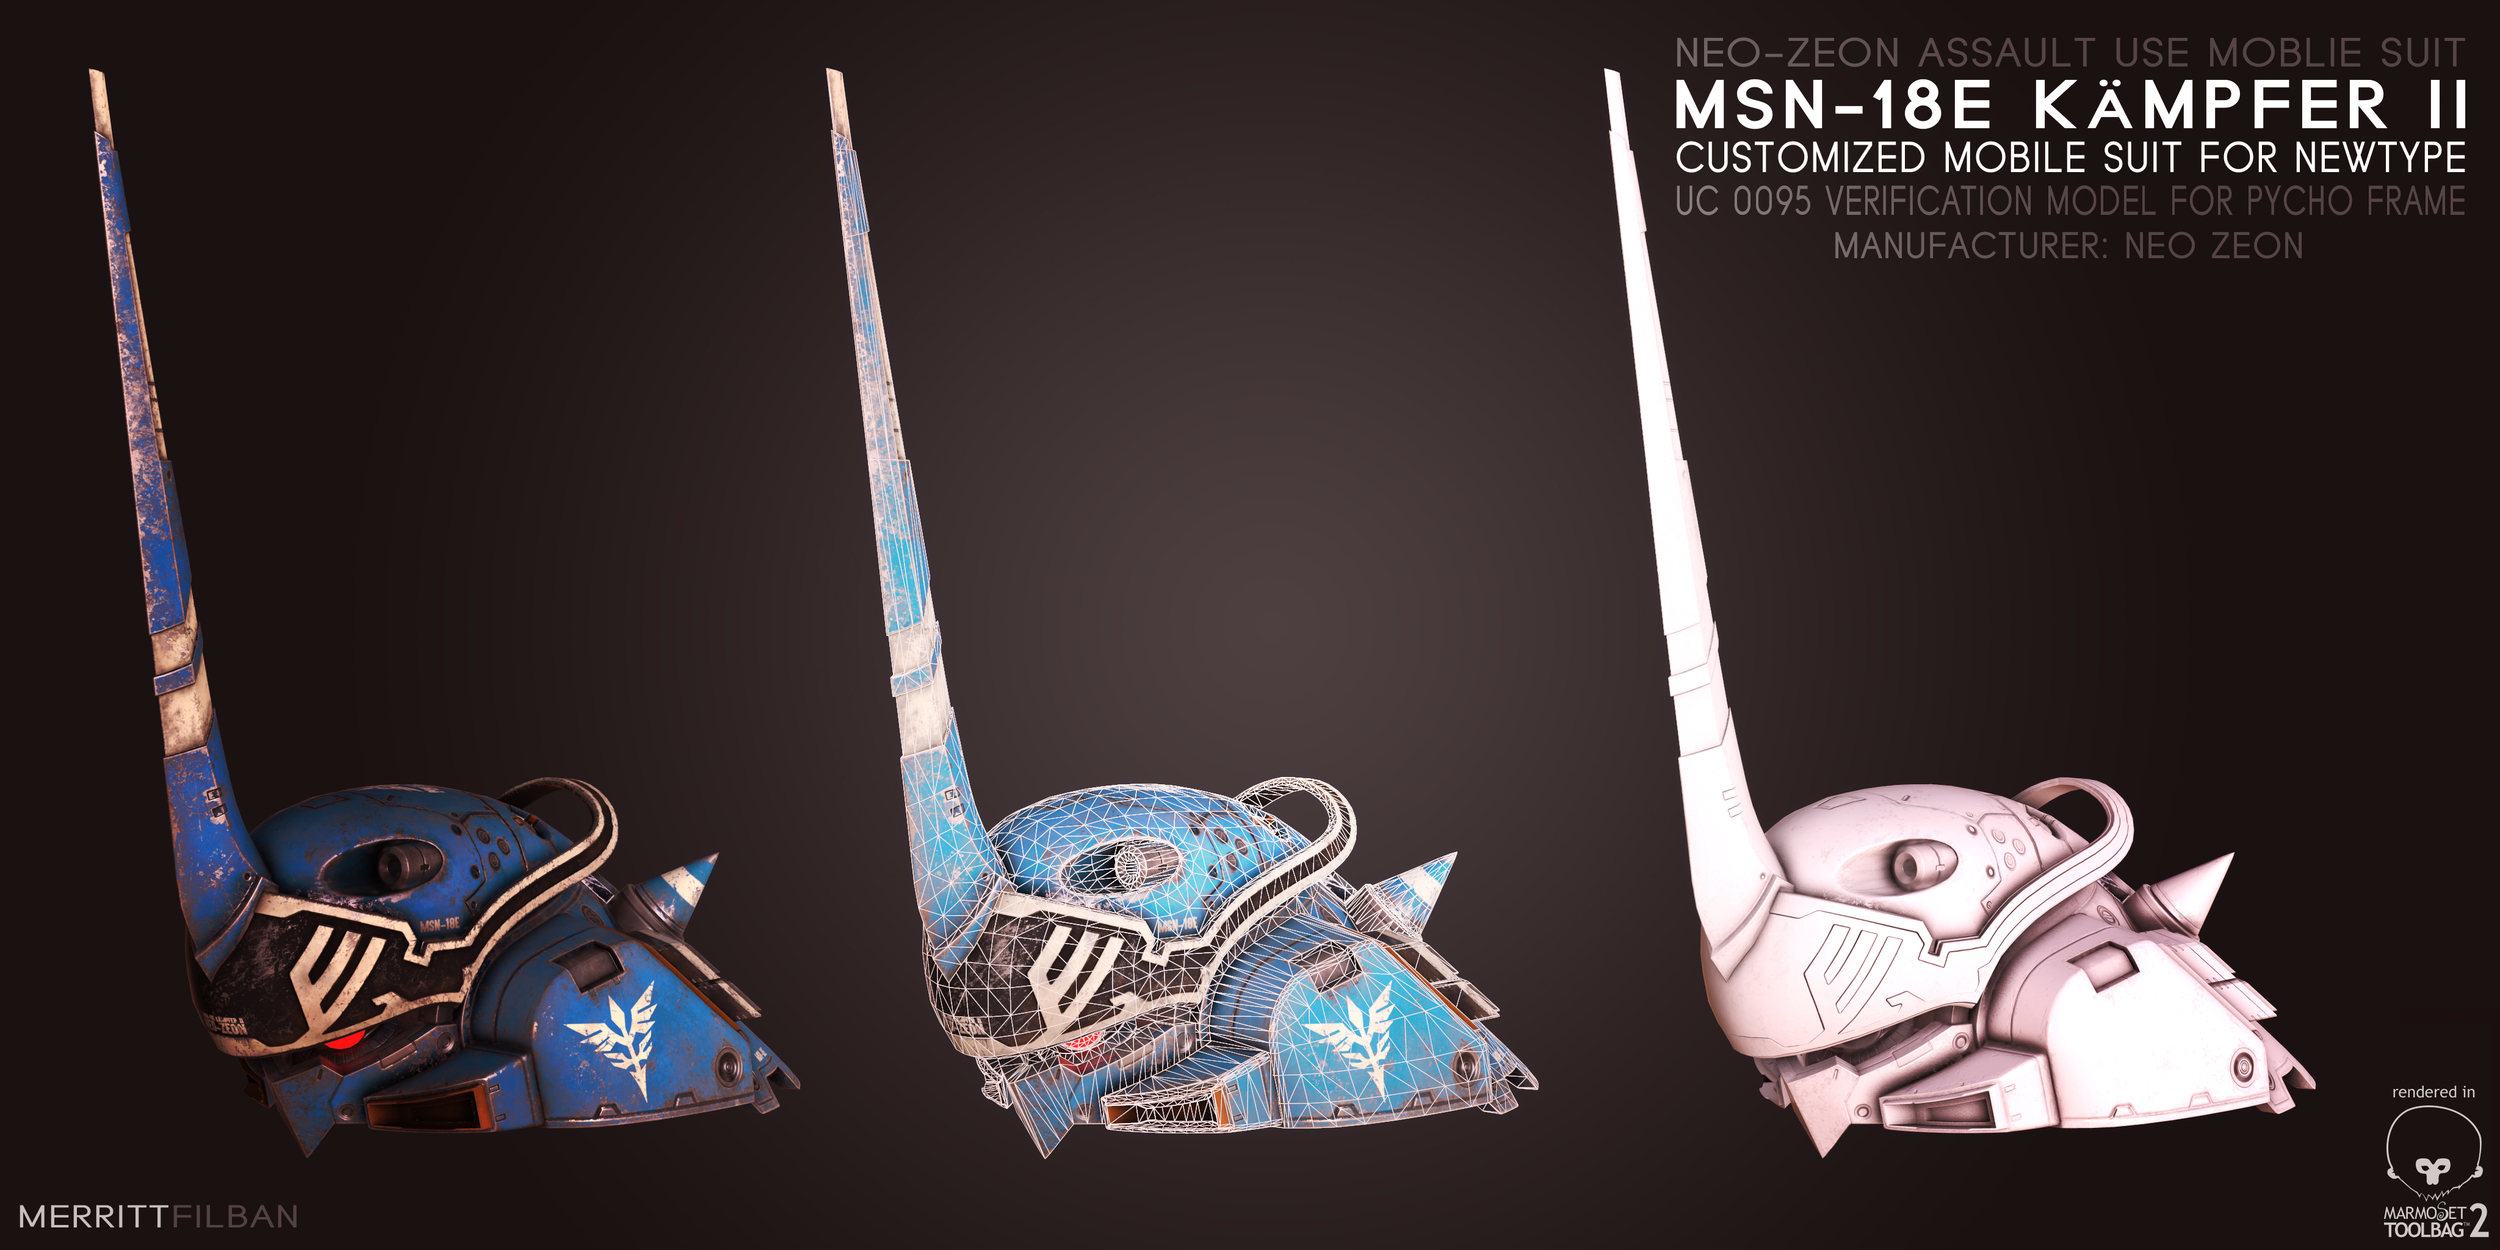 MSN-18E_KAMPFER_II_Wide_2